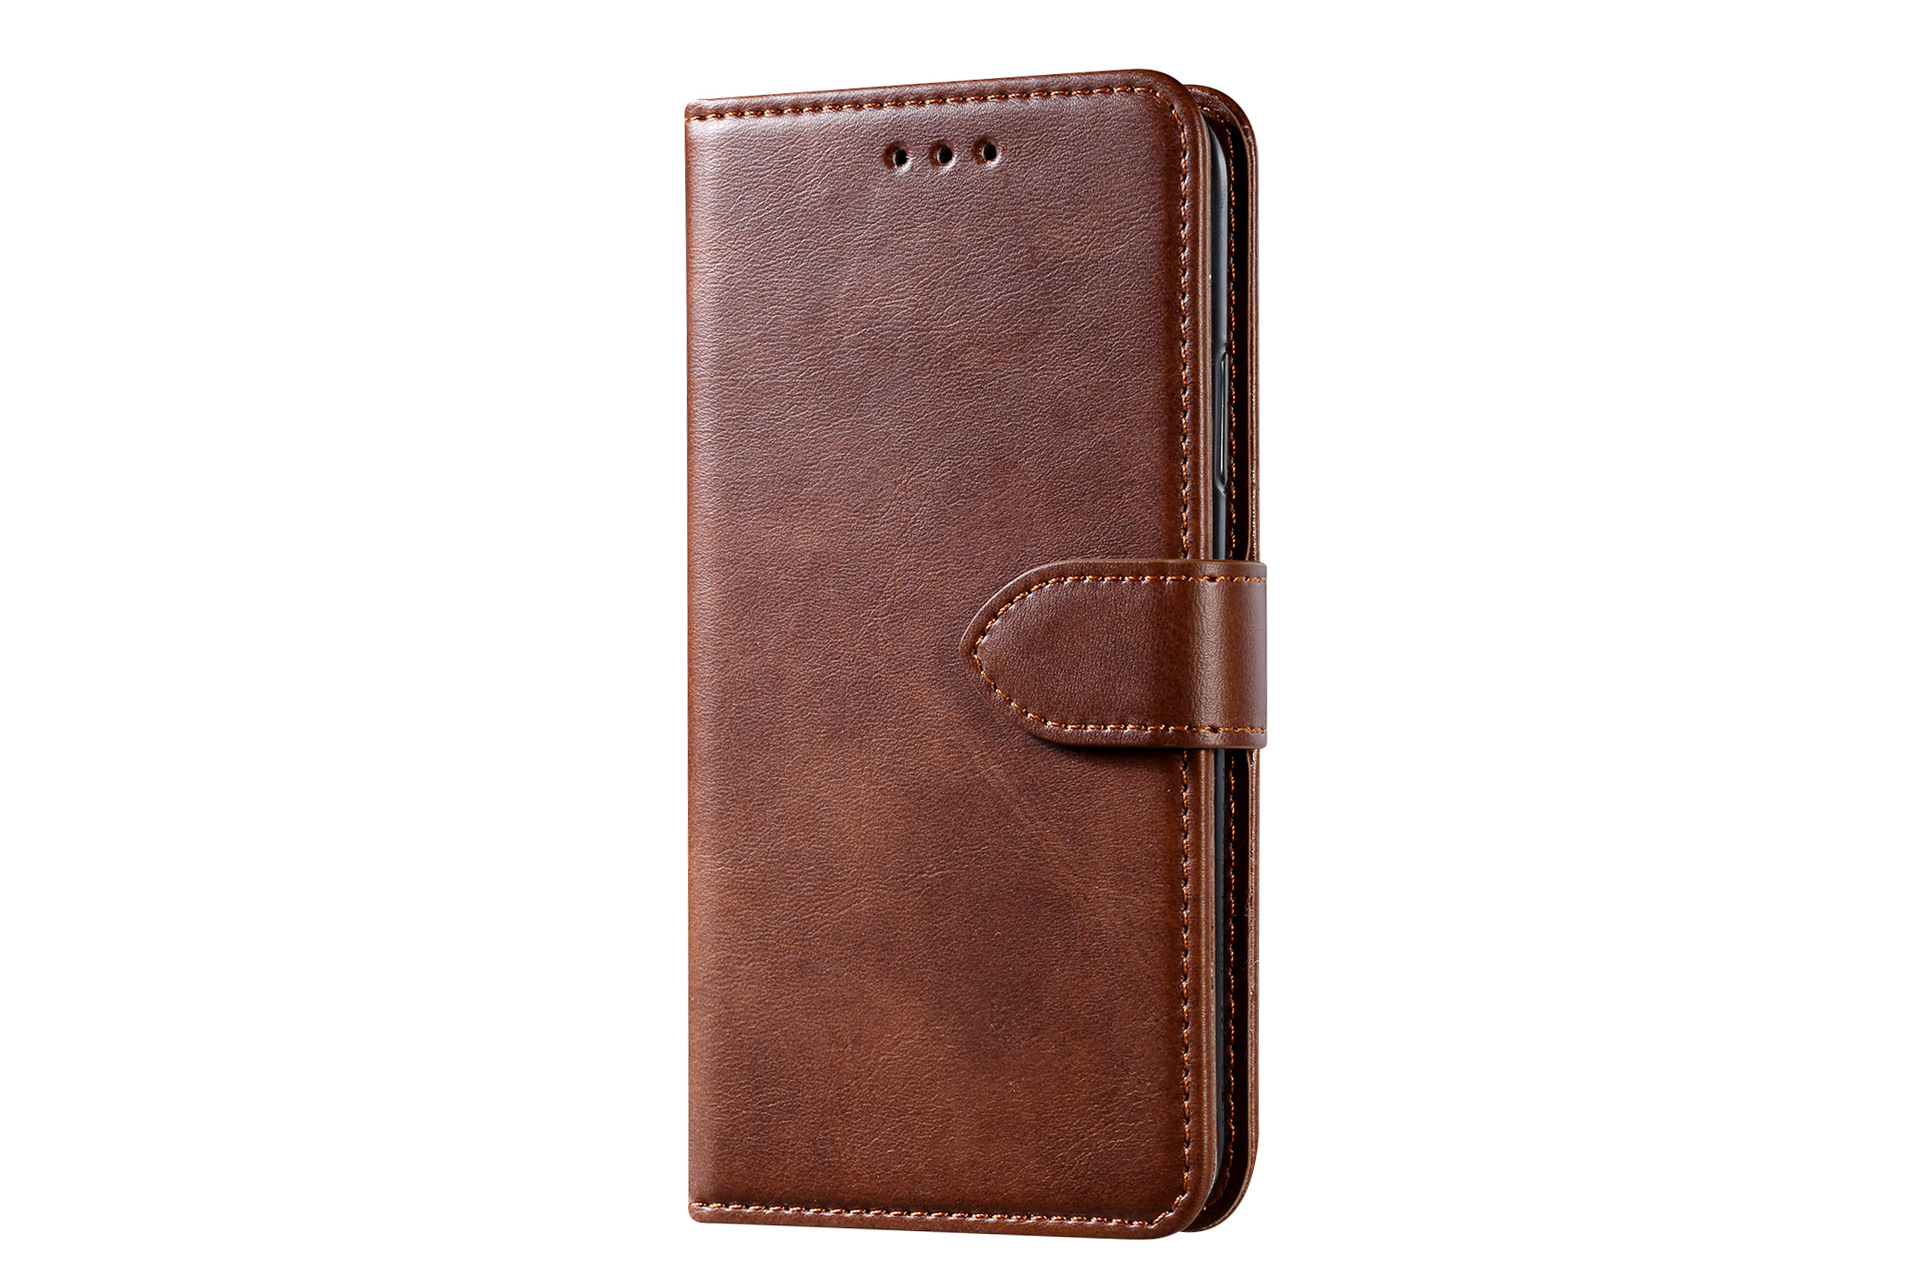 2019 XS MAX حالة محفظة جلدية 8Plus حالة الهاتف المحمول جلد العجل غطاء واقي XR بطاقة iPhone7